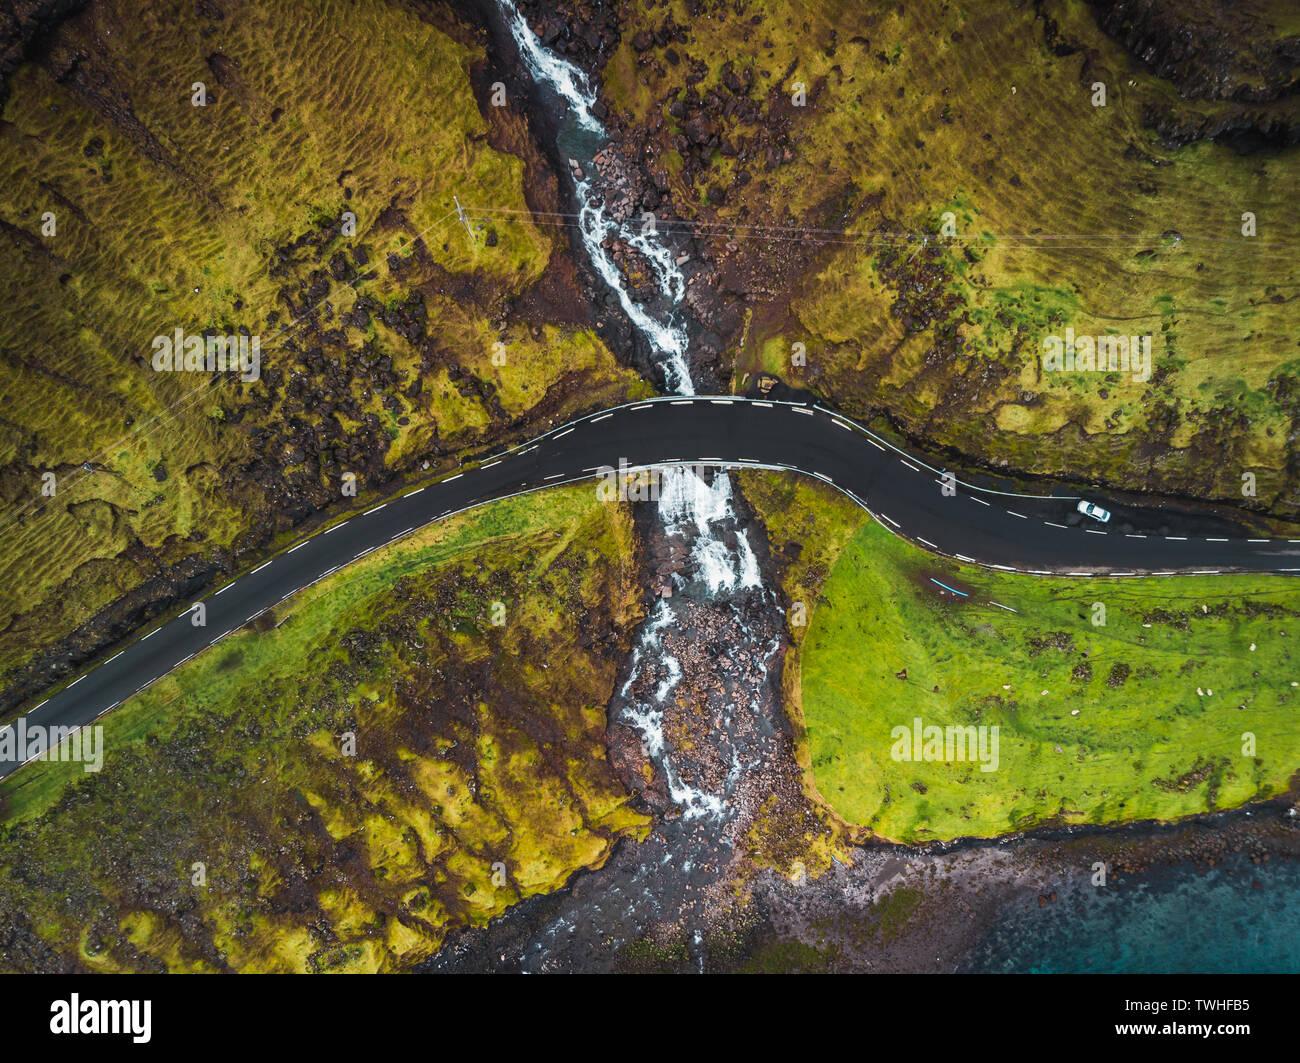 Imágenes aéreas de la Fosa de cascada desde arriba durante principios de la primavera con cumbres nevadas y verdes tonos (Islas Feroe, Dinamarca) Foto de stock